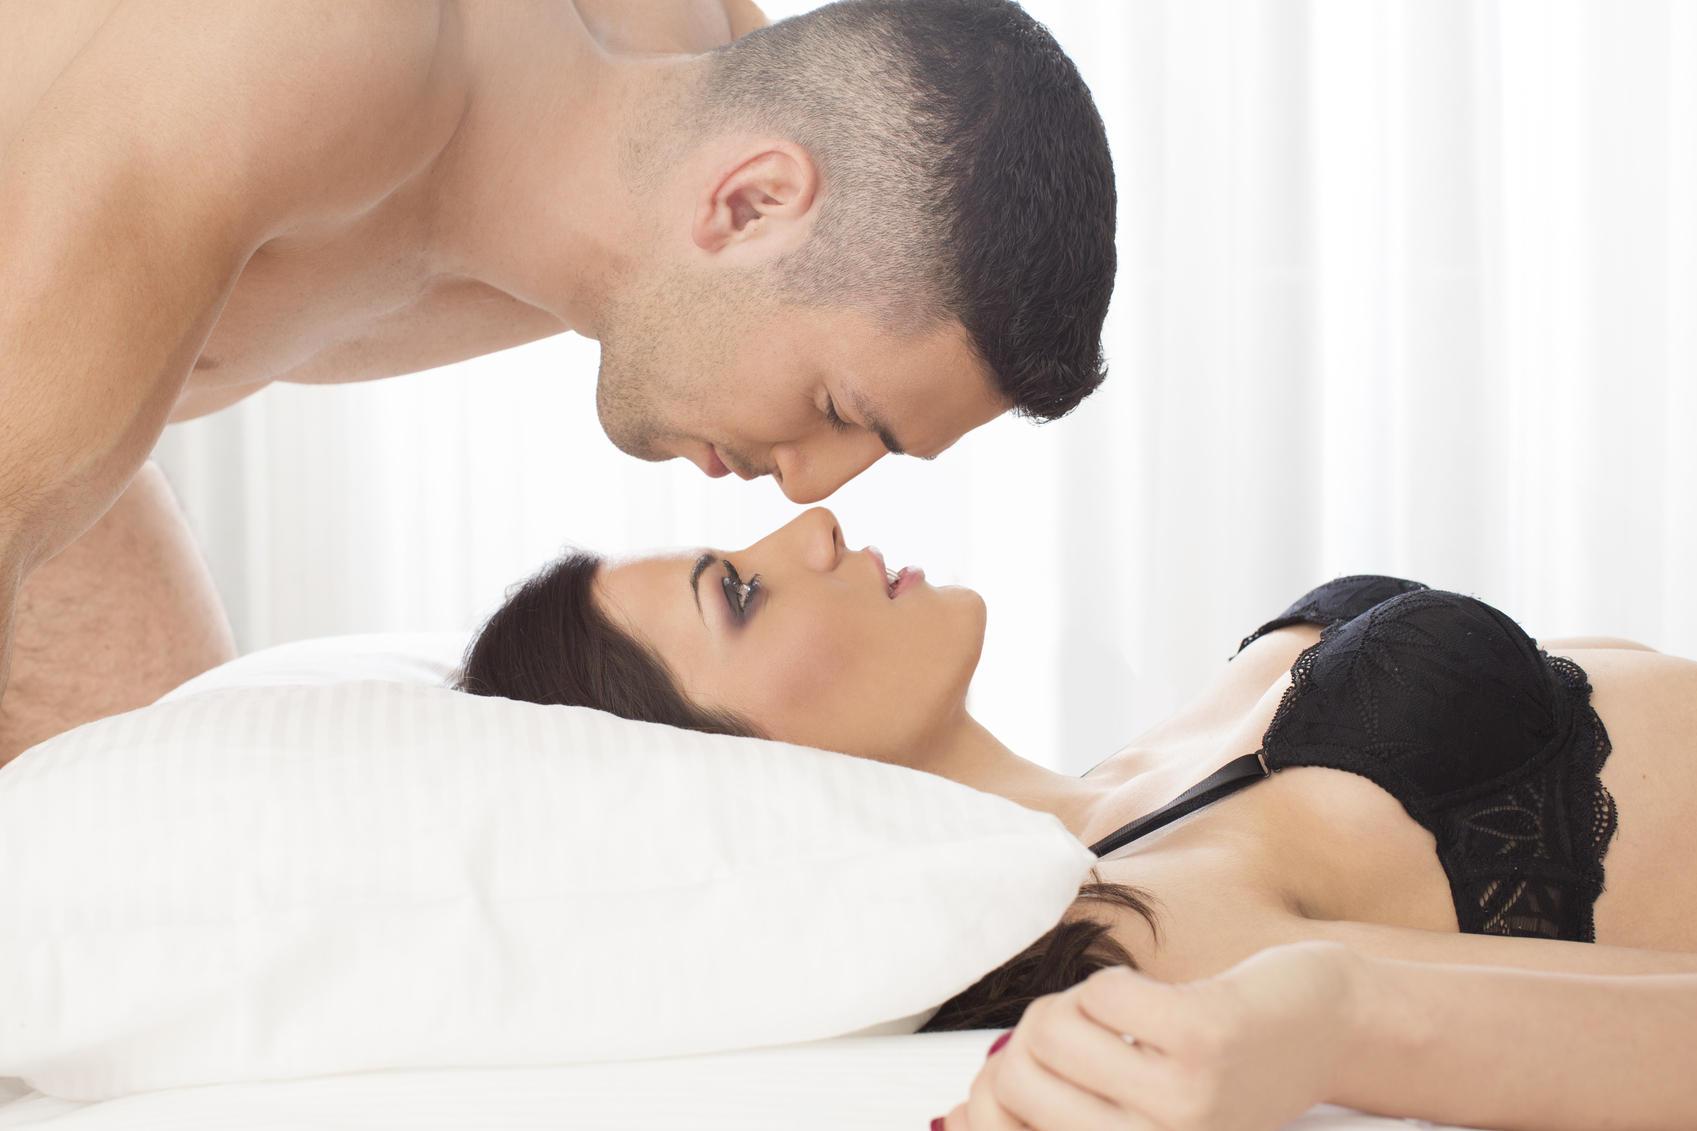 cose da provare a letto video massaggi tantra